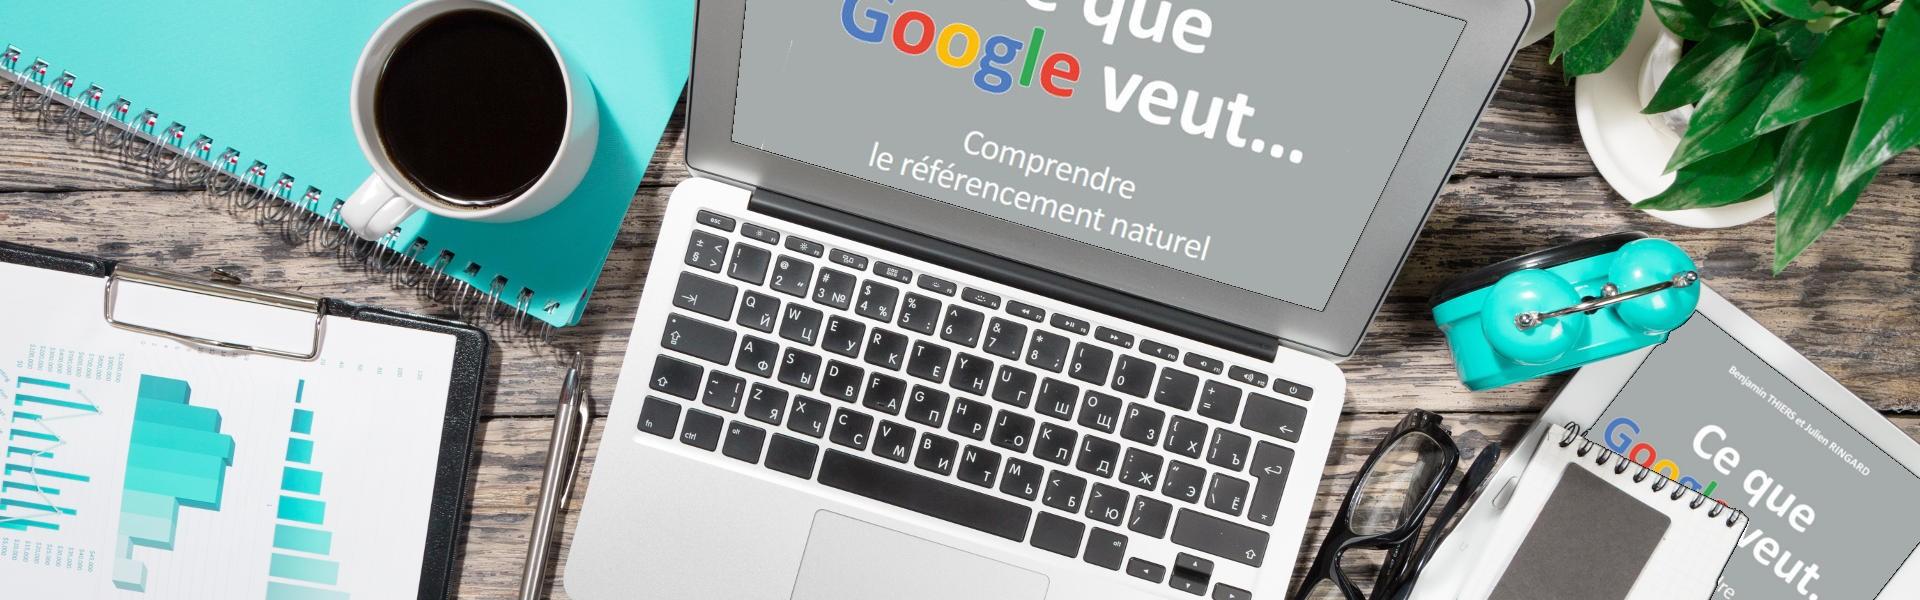 Ce que Google veut : comprendre le référencement